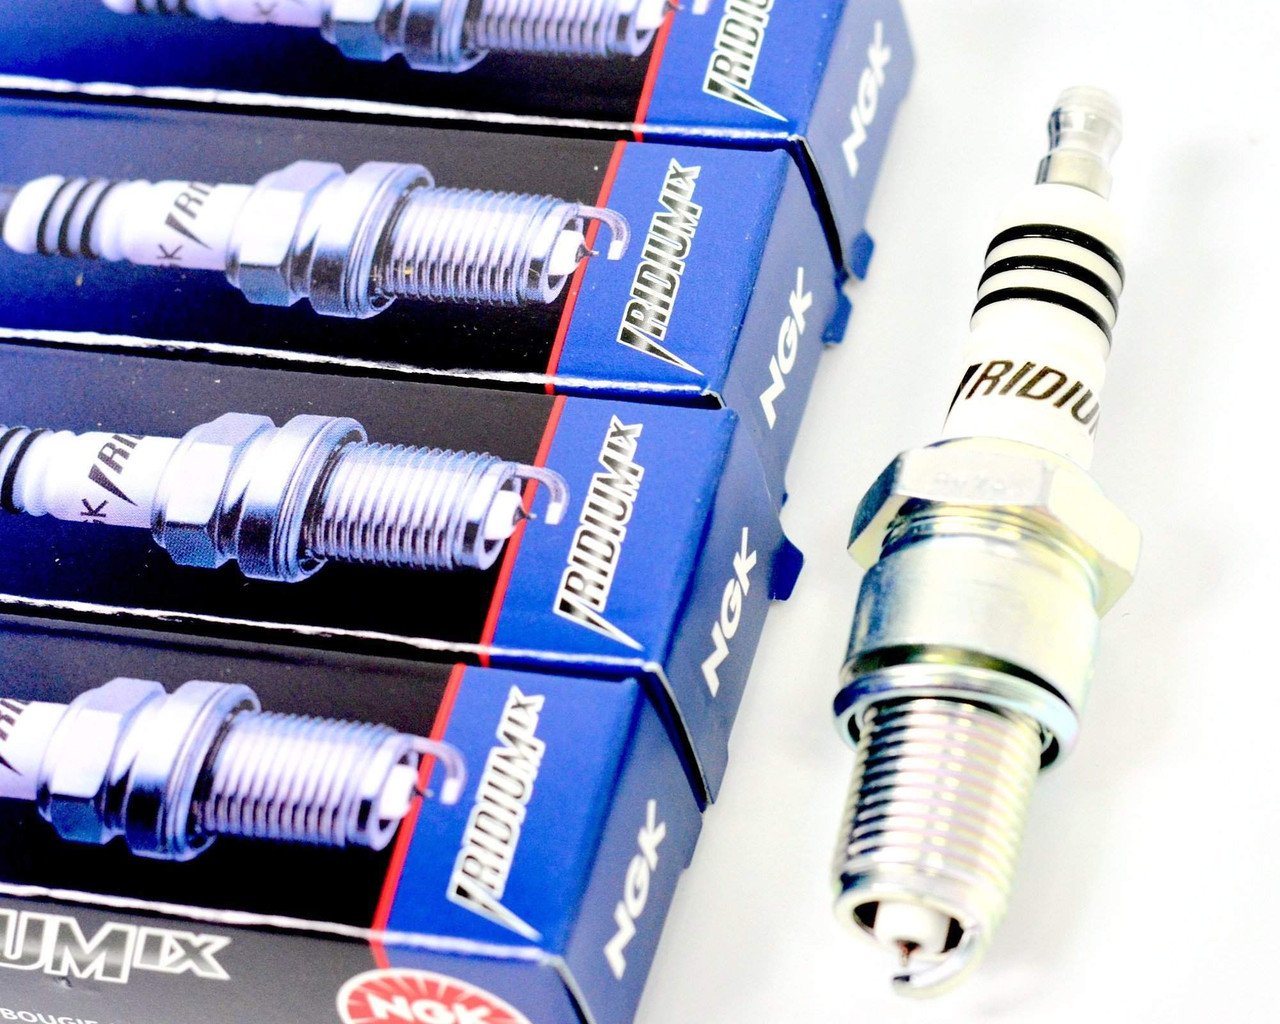 FIAT NGK Spark Plug Set - All 2012-on FIAT 1.4L